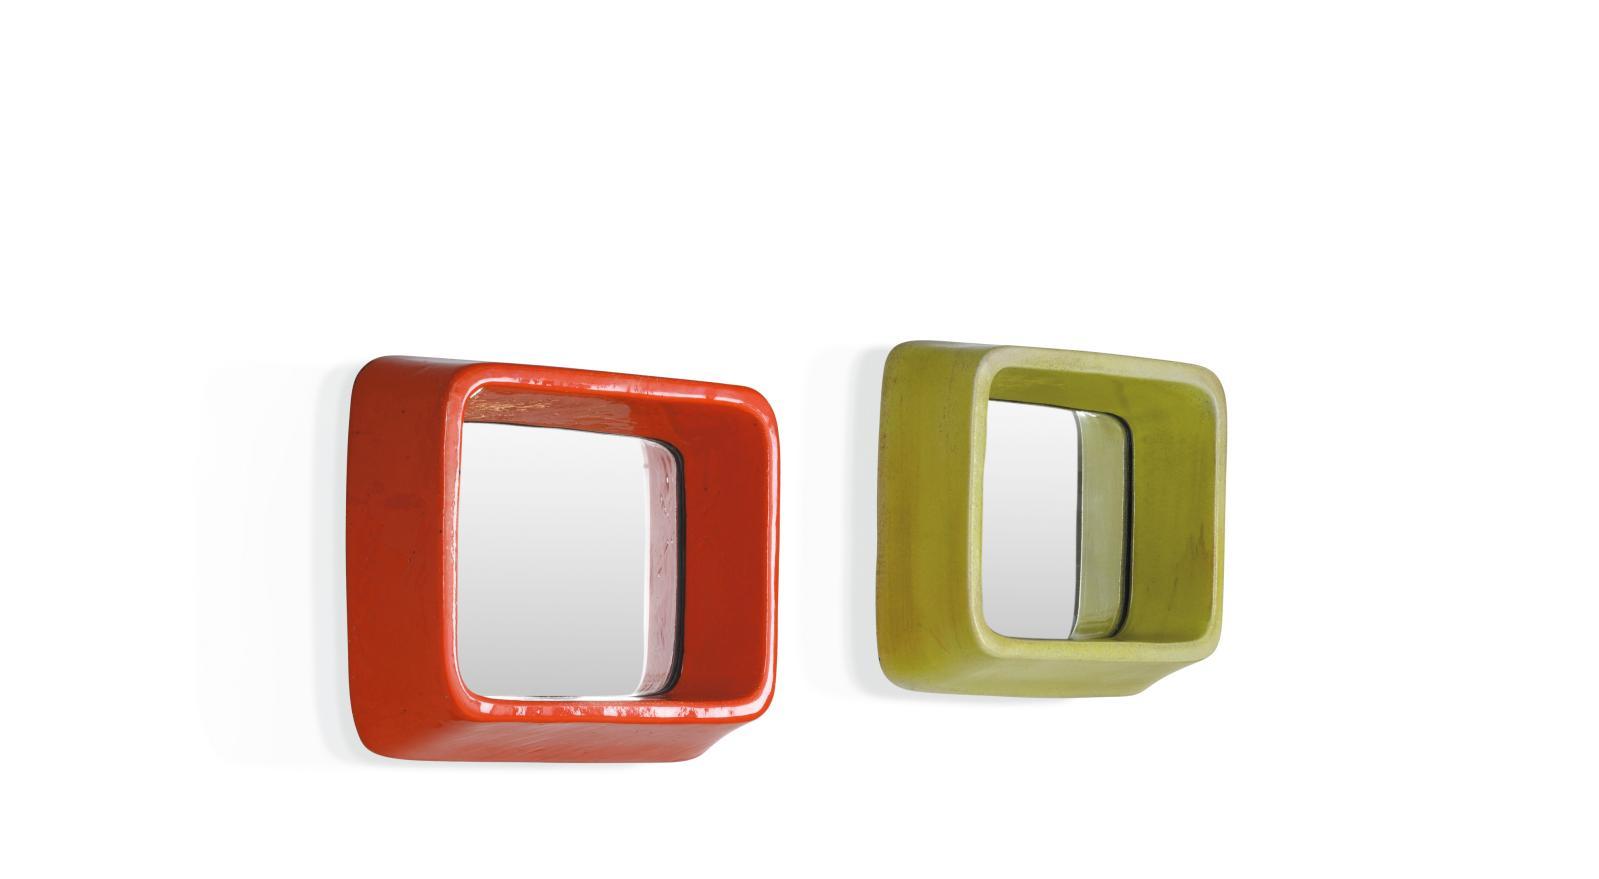 Georges Jouve (1910-1964), deux Miroirs, vers 1955, céramique émaillée rouge orangée et verte, 8x32,5x28,5cm et 8x32x29cm. Adjug